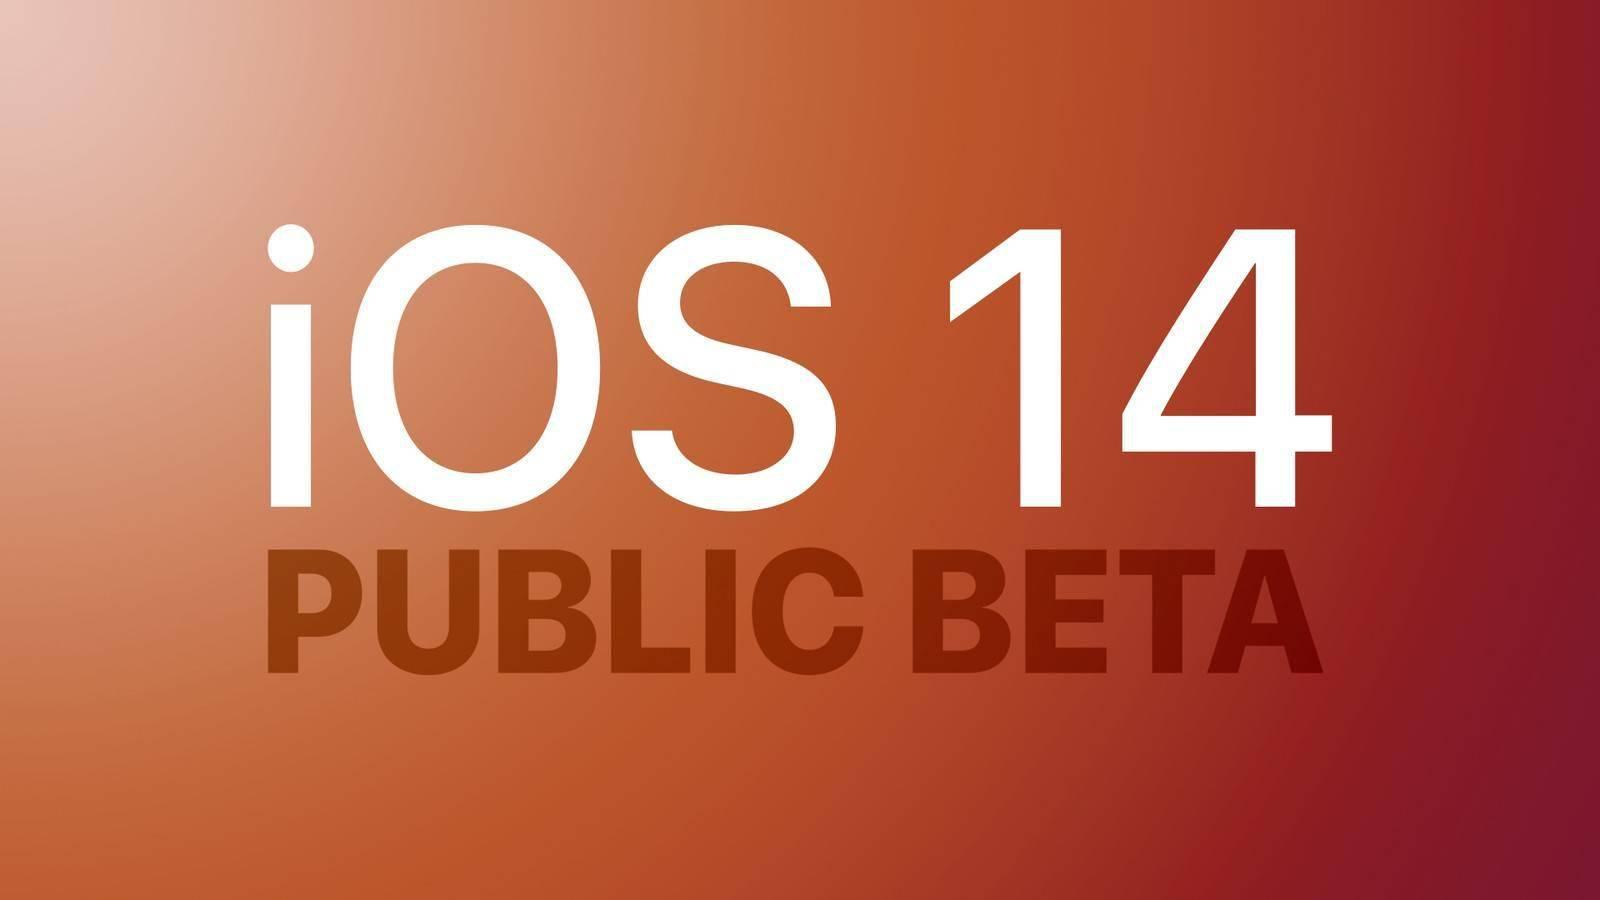 公测来啦:iOS/iPadOS 14首个公测版本发布